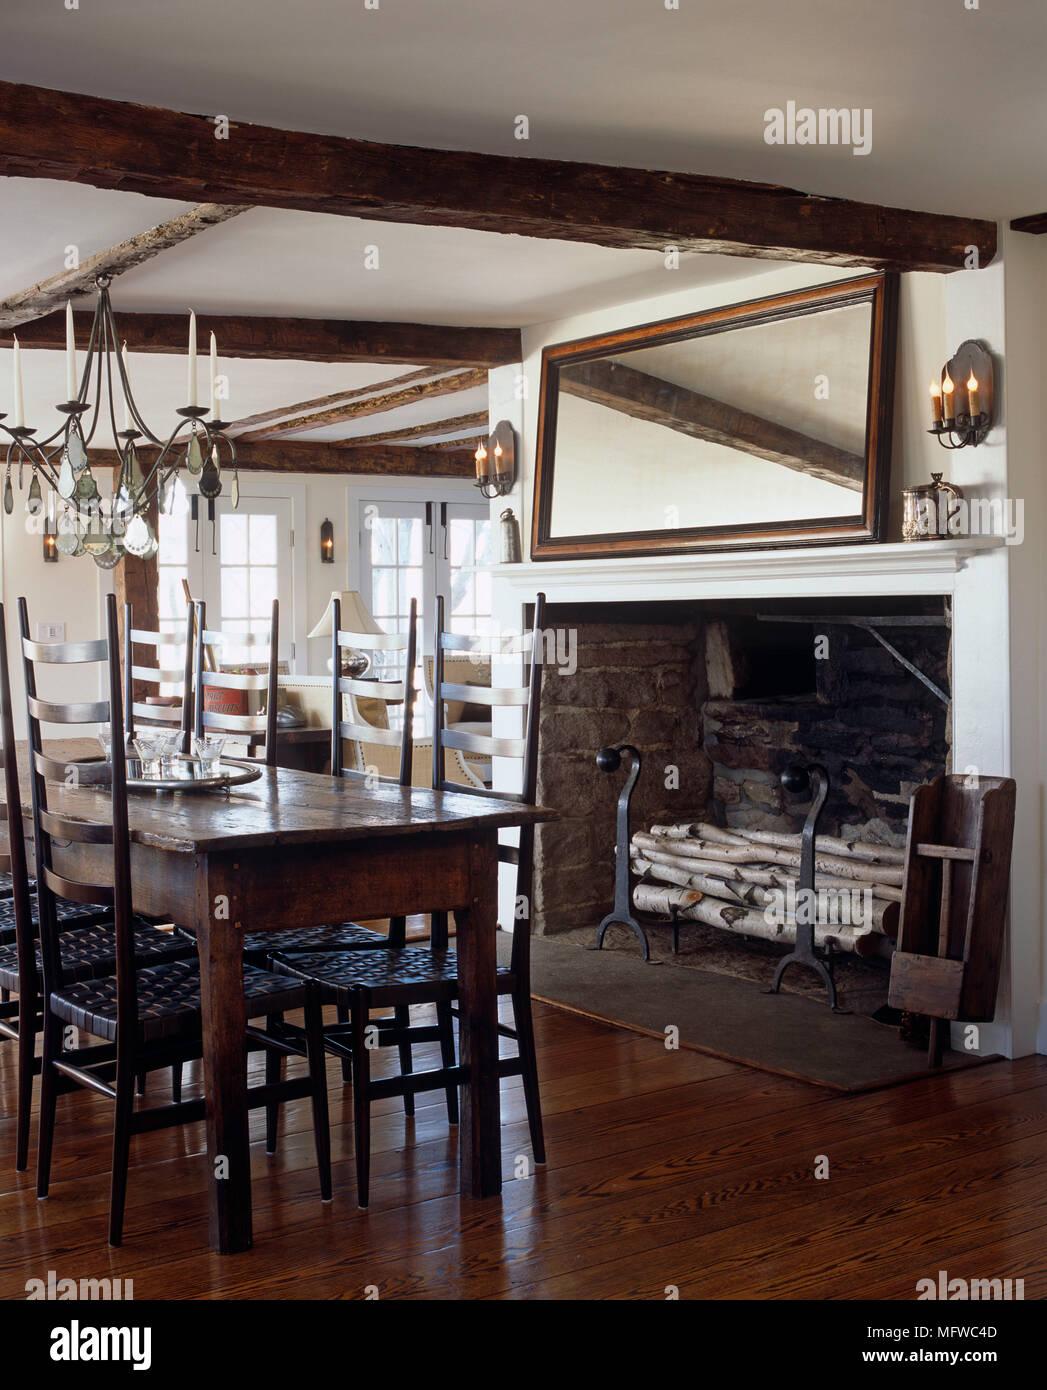 Lustre En Fer Forge Au Dessus De Table Et Chaises En Bois En Style Rustique Salle A Manger Avec Cheminee Photo Stock Alamy